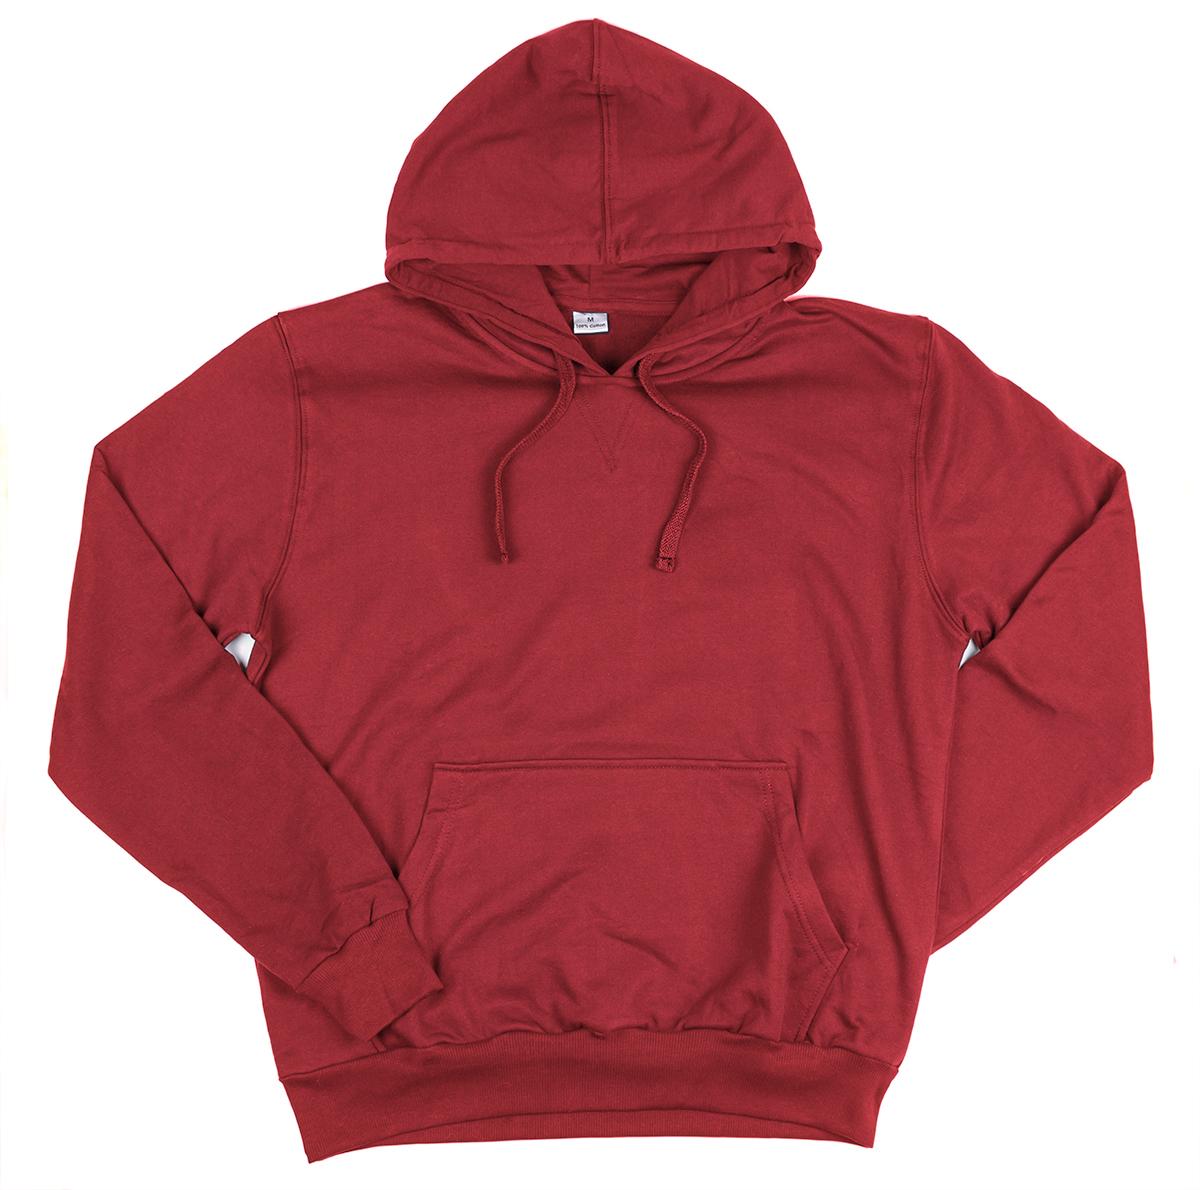 Мужская толстовка «Outfit» Красный, размер 54Толстовки, джемпера и рубашки<br><br><br>Тип: Муж. толстовка<br>Размер: 54<br>Материал: Футер